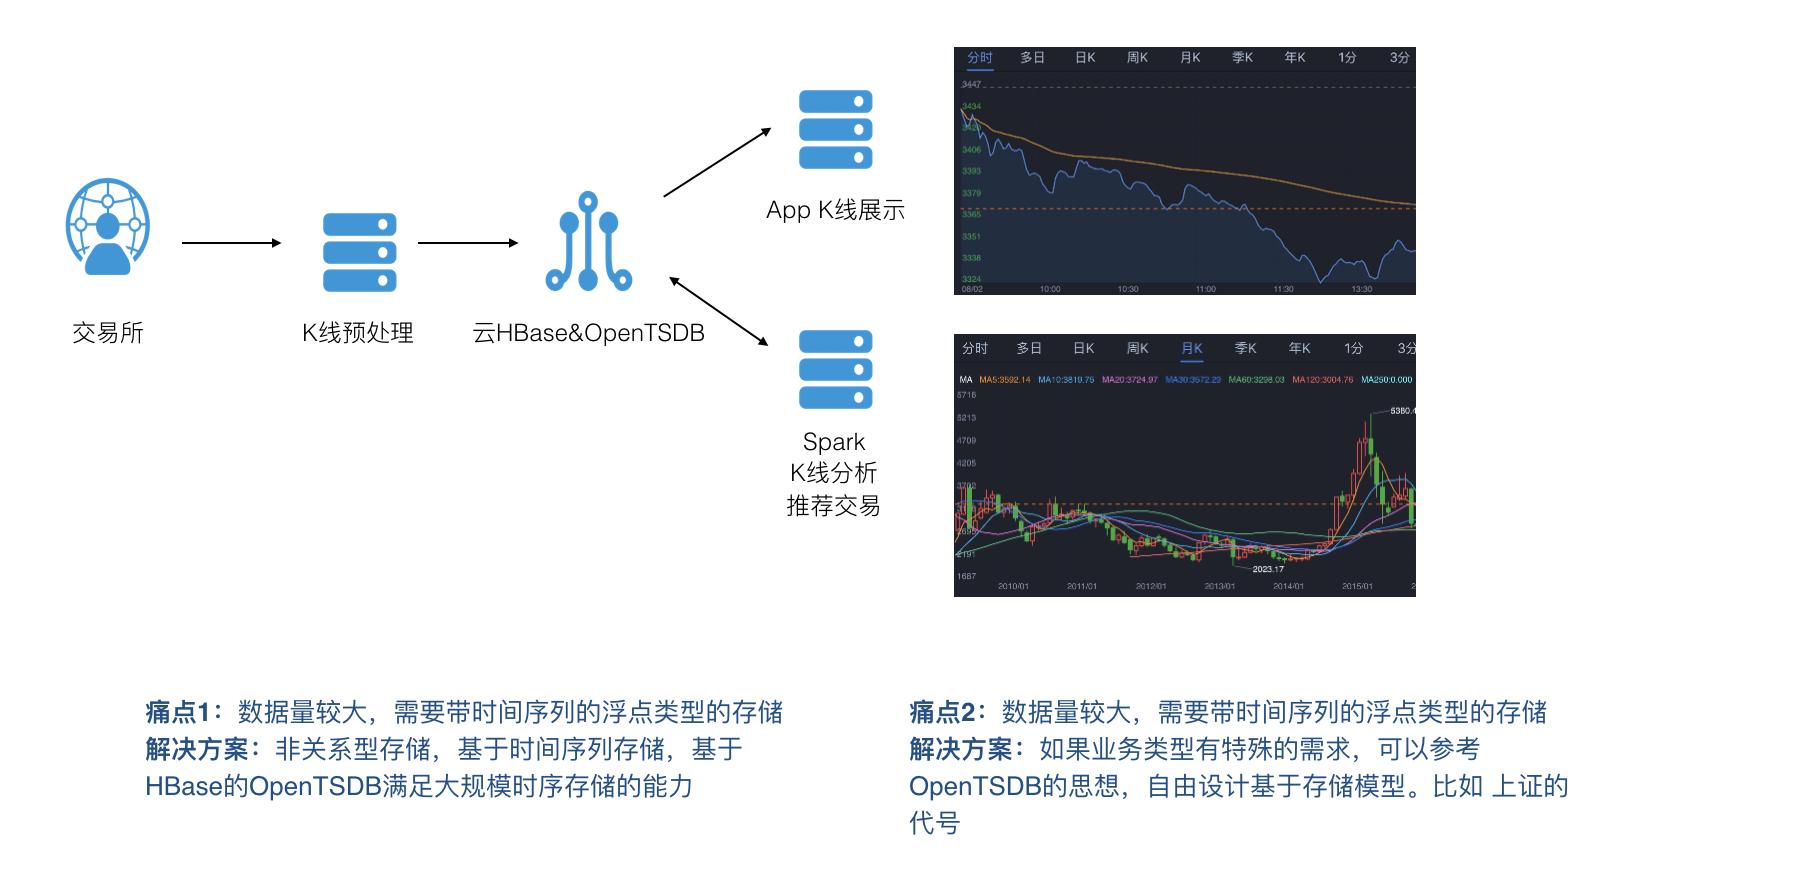 金融时序数据 - K线、分析